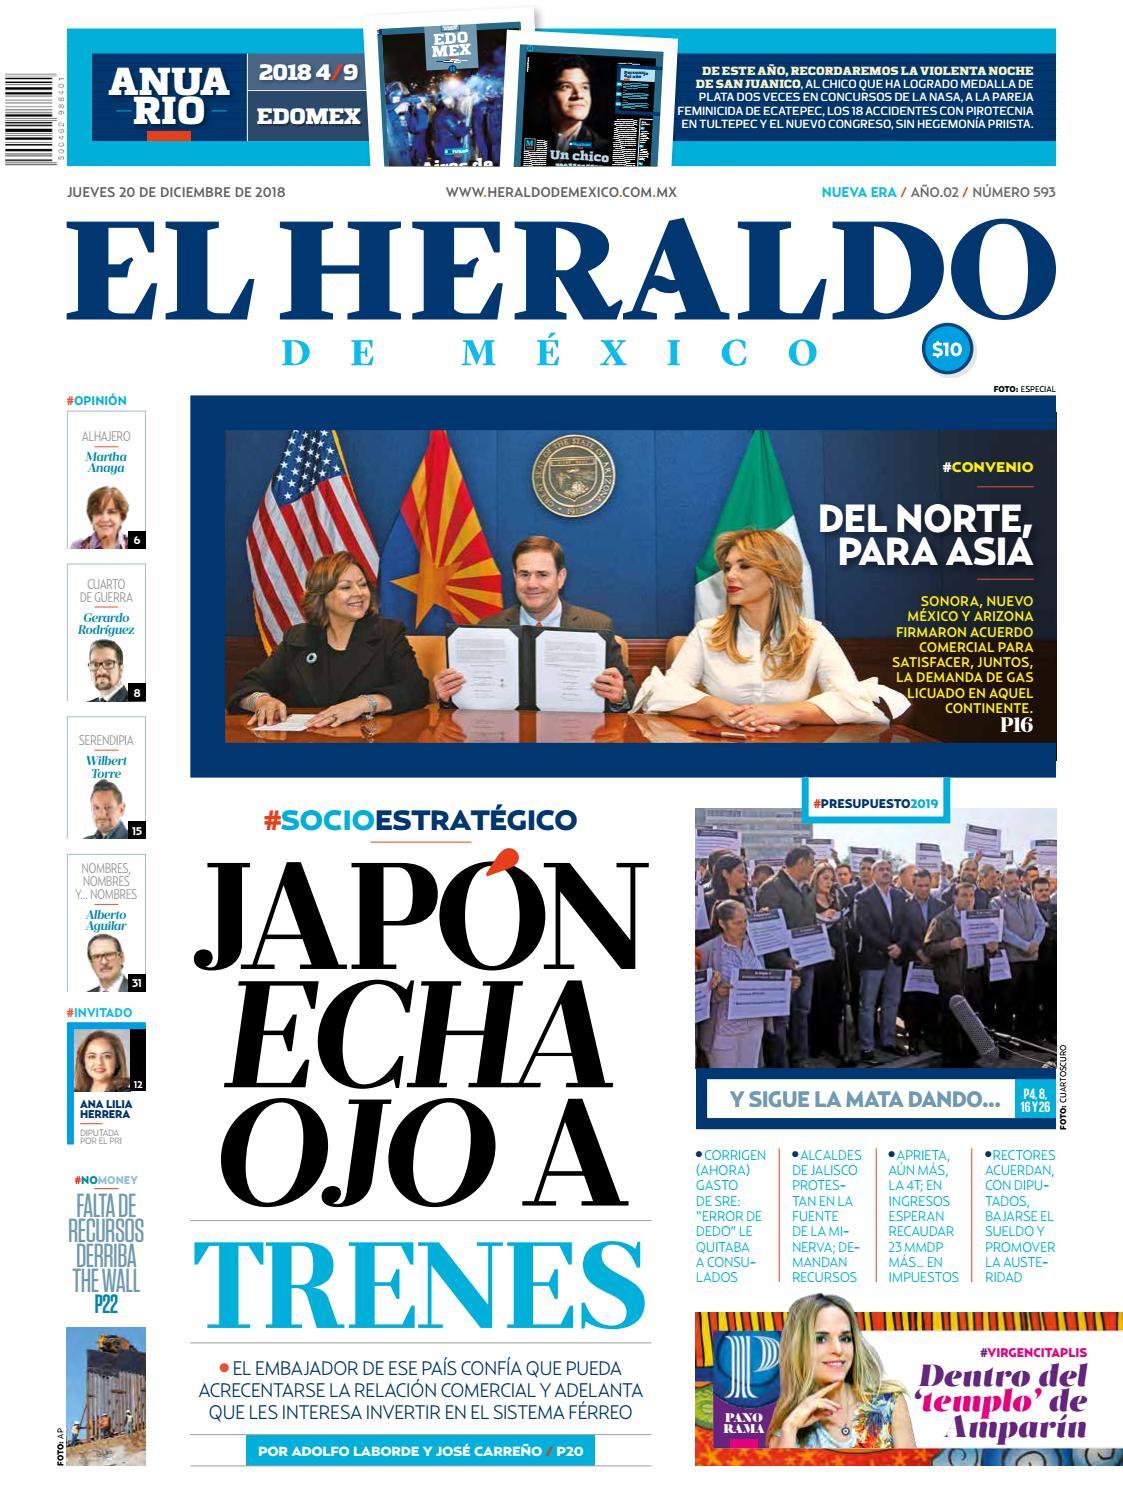 20 de diciembre by El Heraldo de México - issuu e67710259a6ff